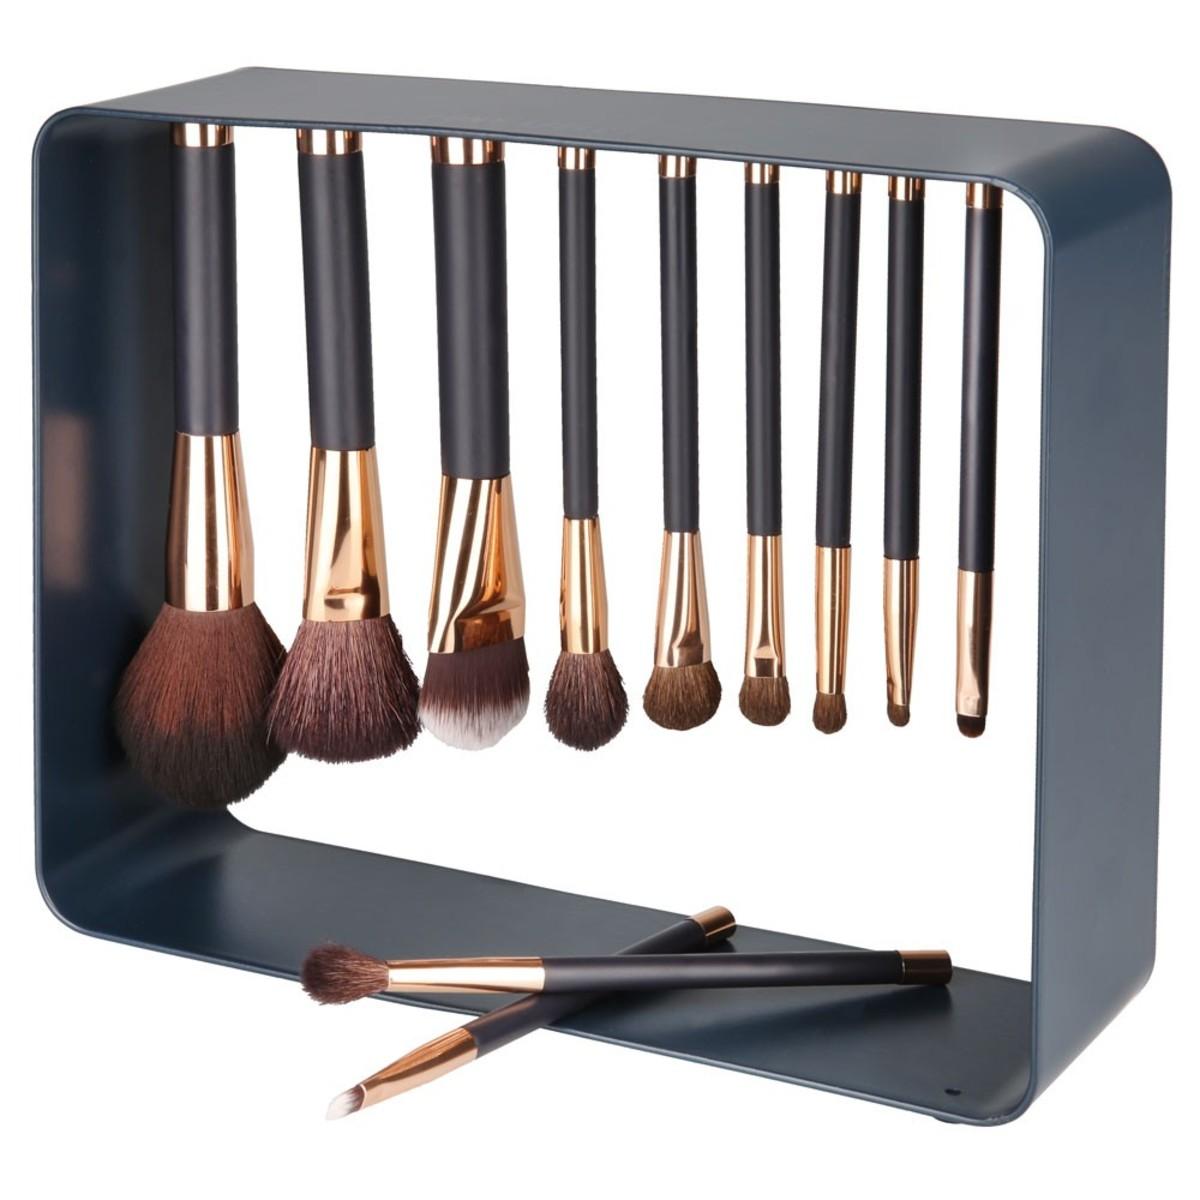 Bild 1 von Kosmetikpinsel-Set mit Magnet, 12-teilig